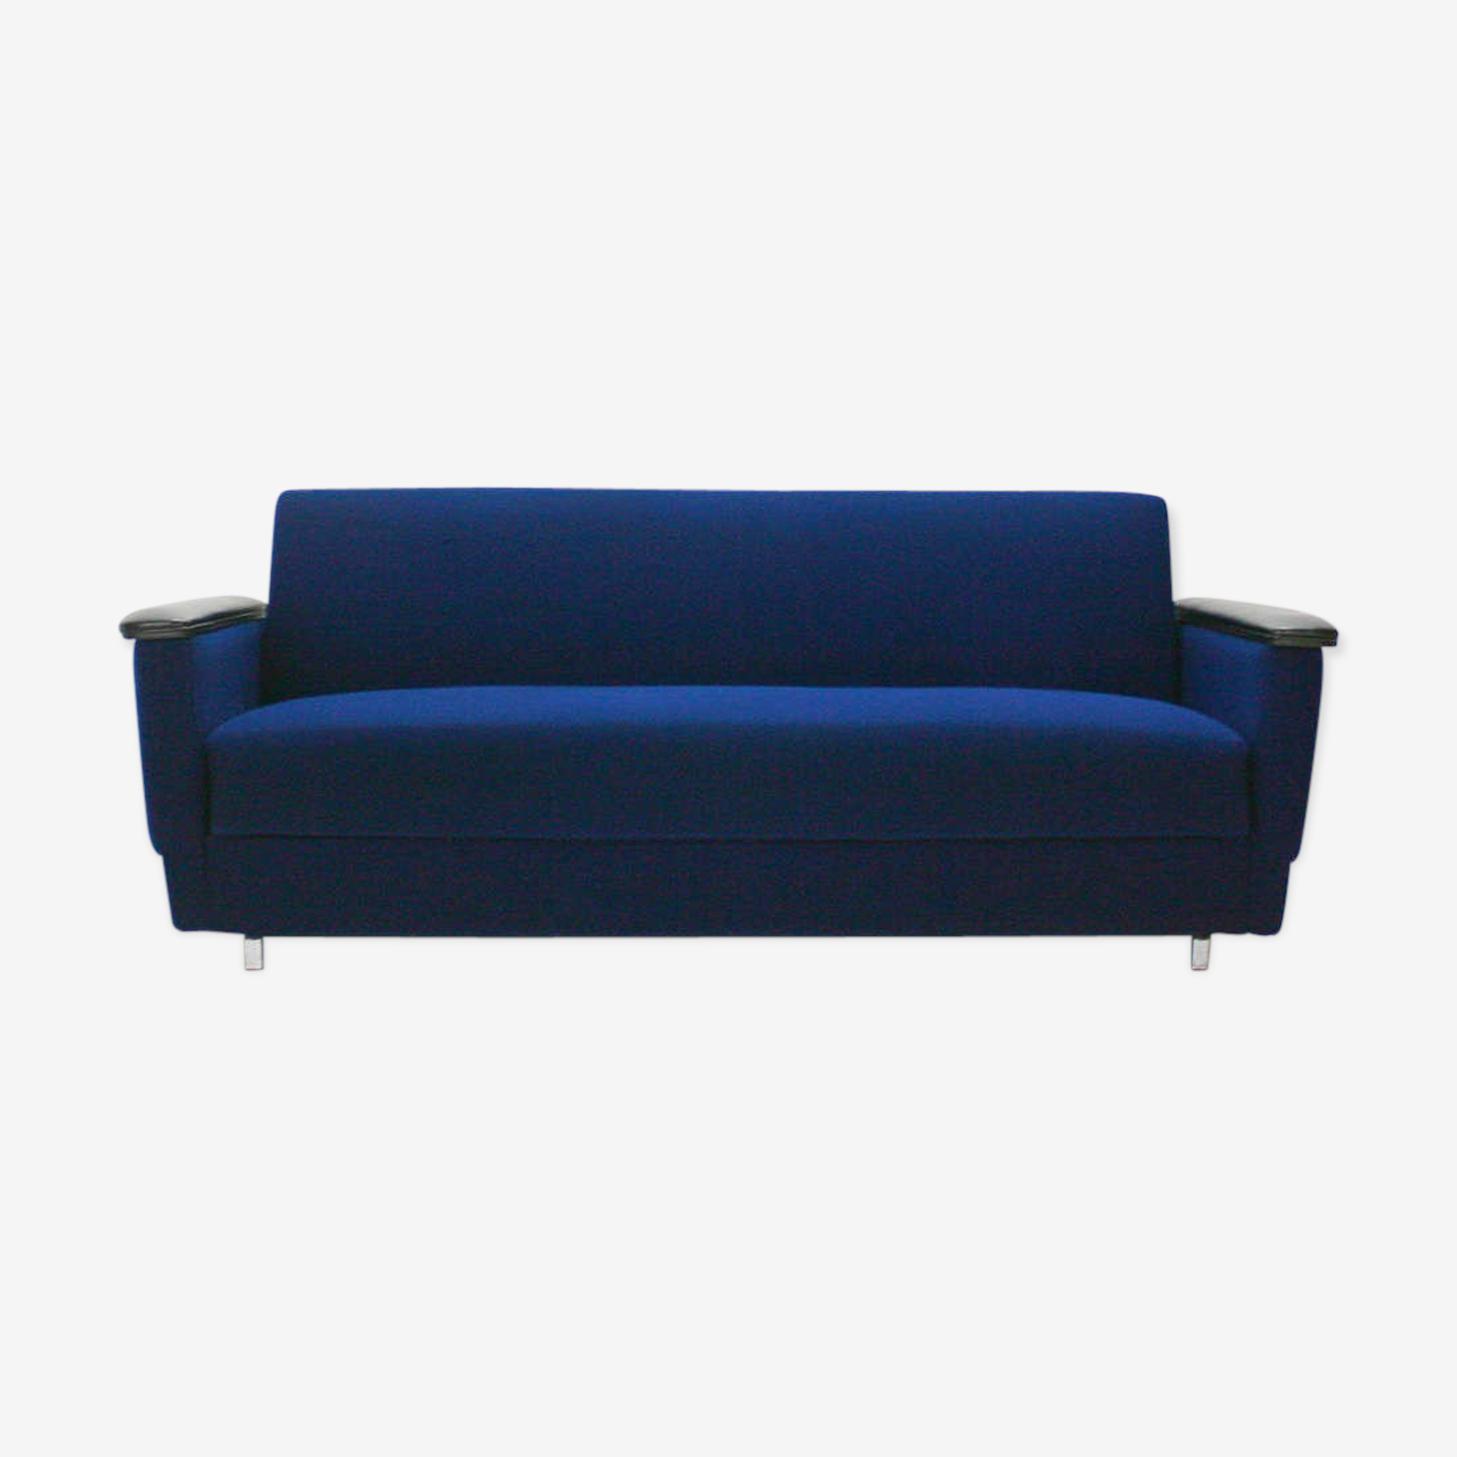 Canapé 2 places bleu années 60